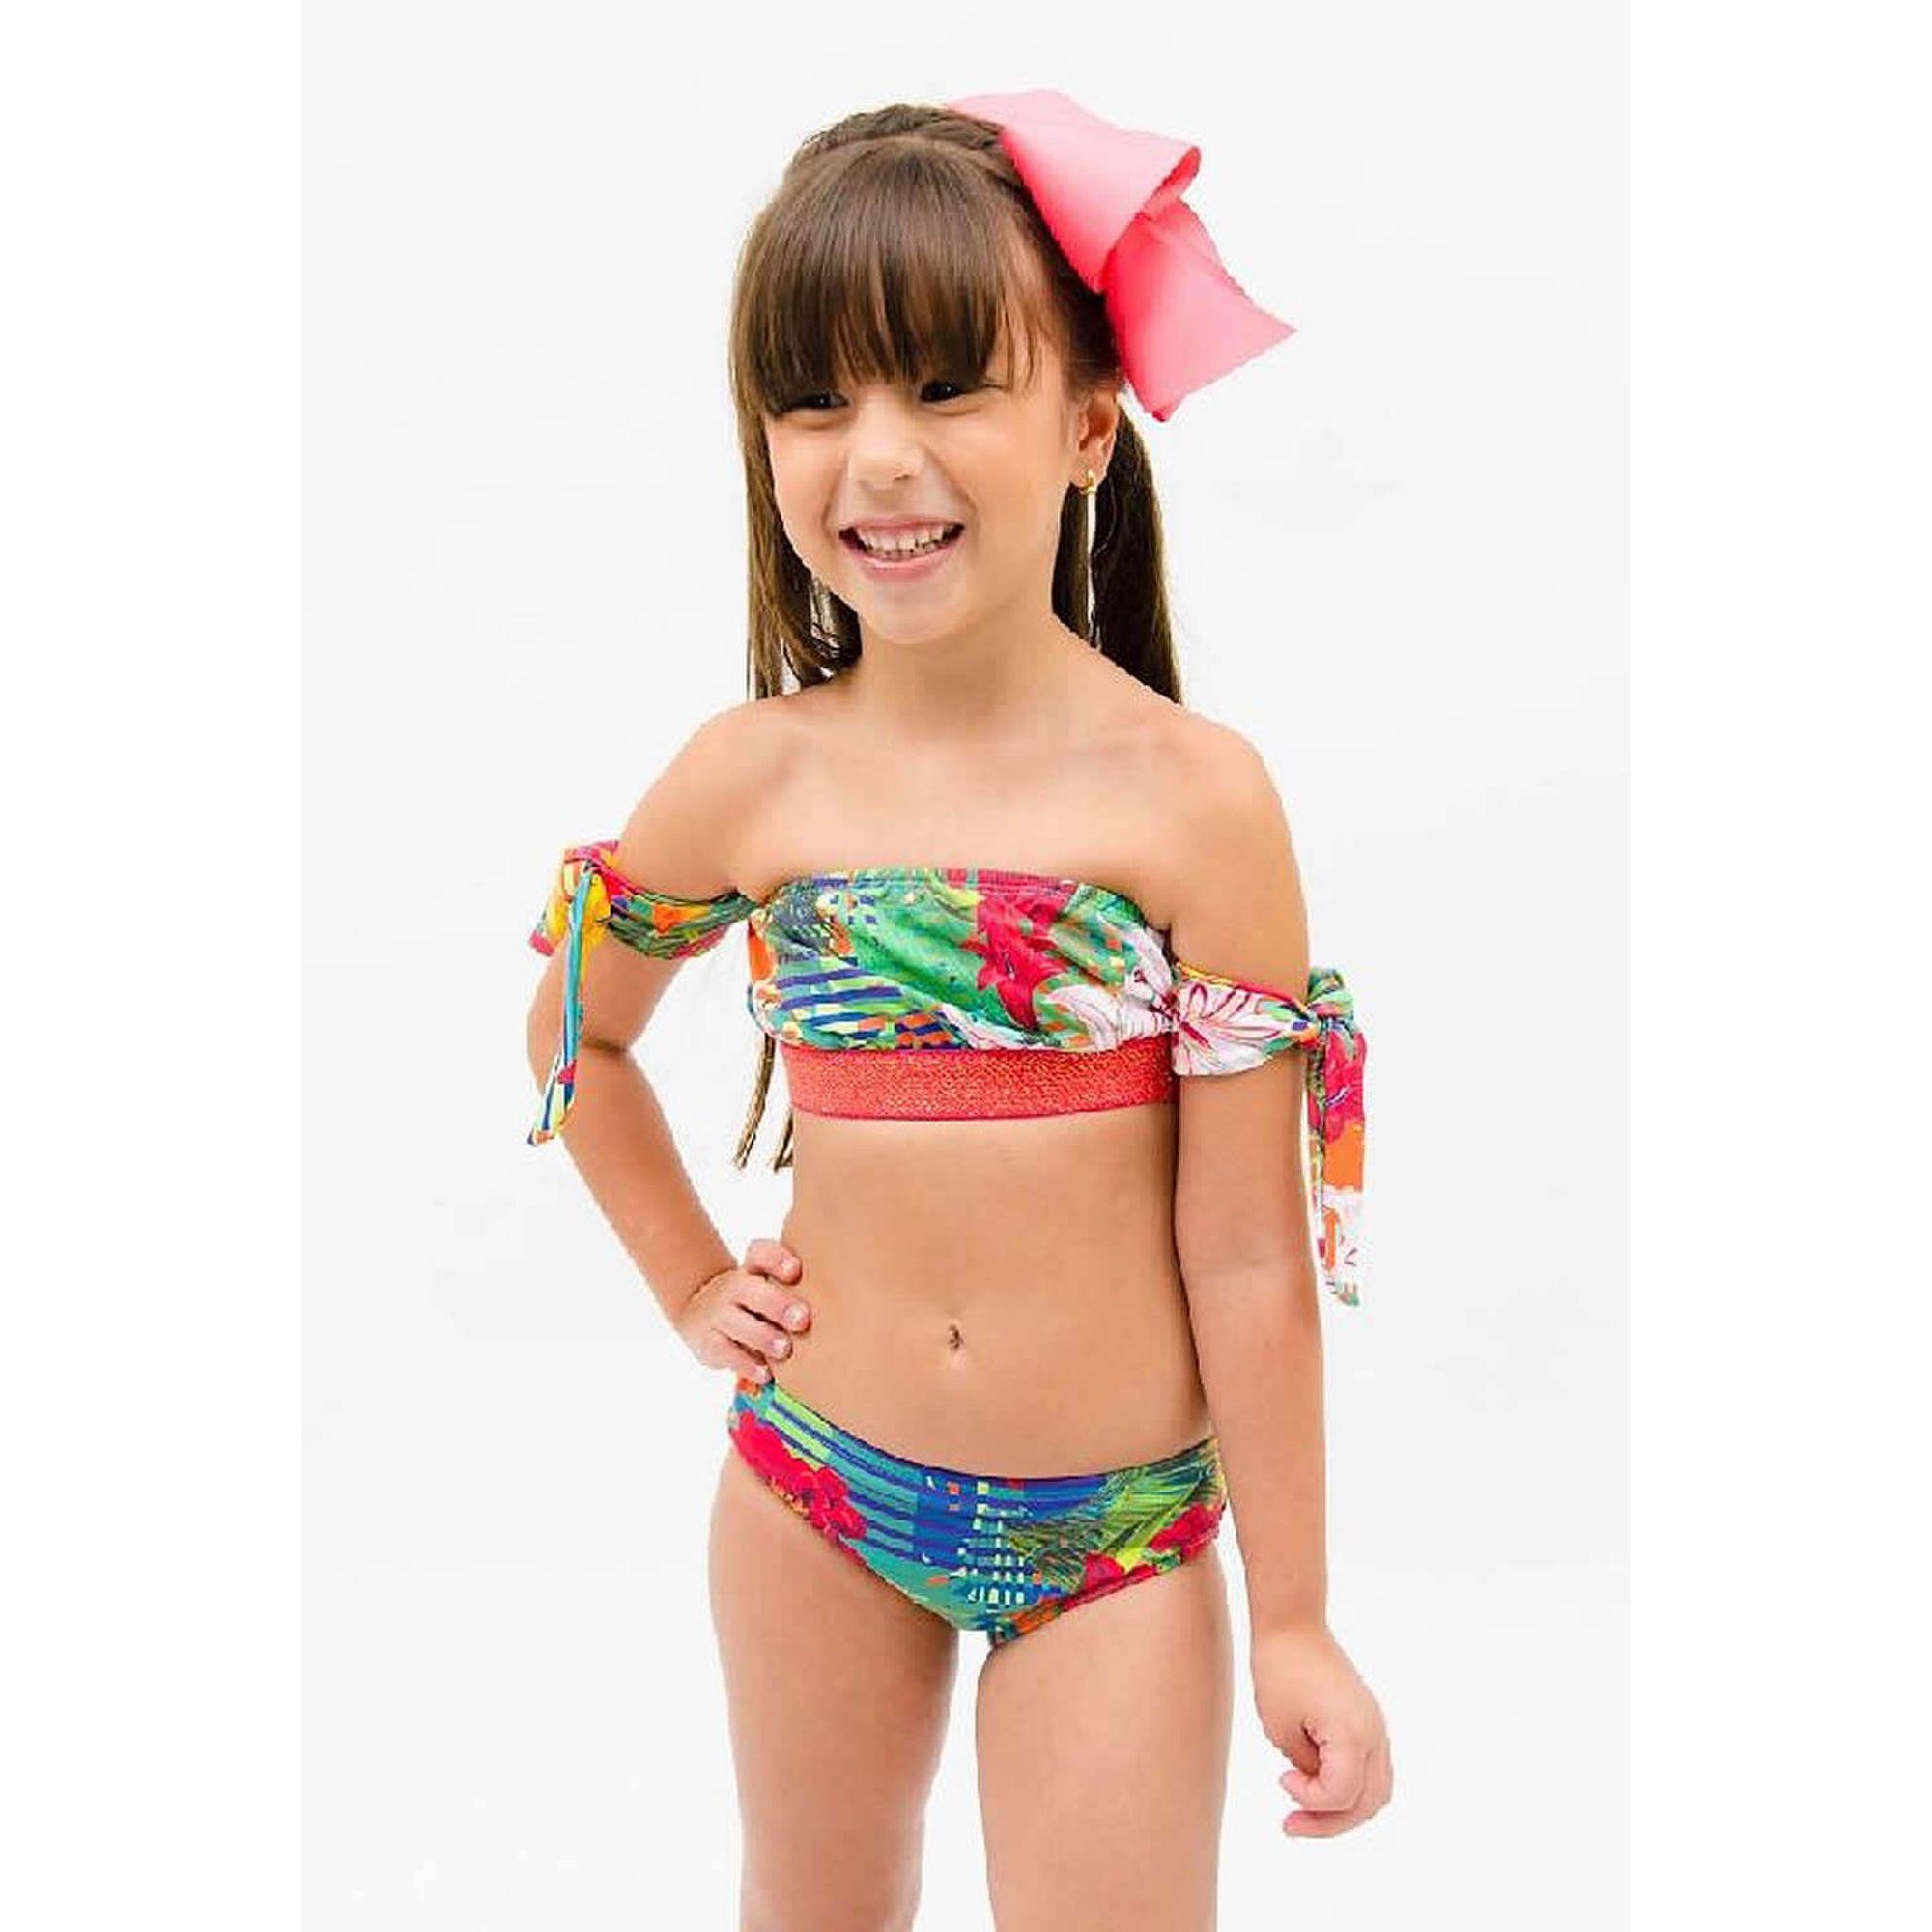 368856a69e1b06 Moda Praia Infantil Biquíni Florido Top com Amarra Braços Água de ...